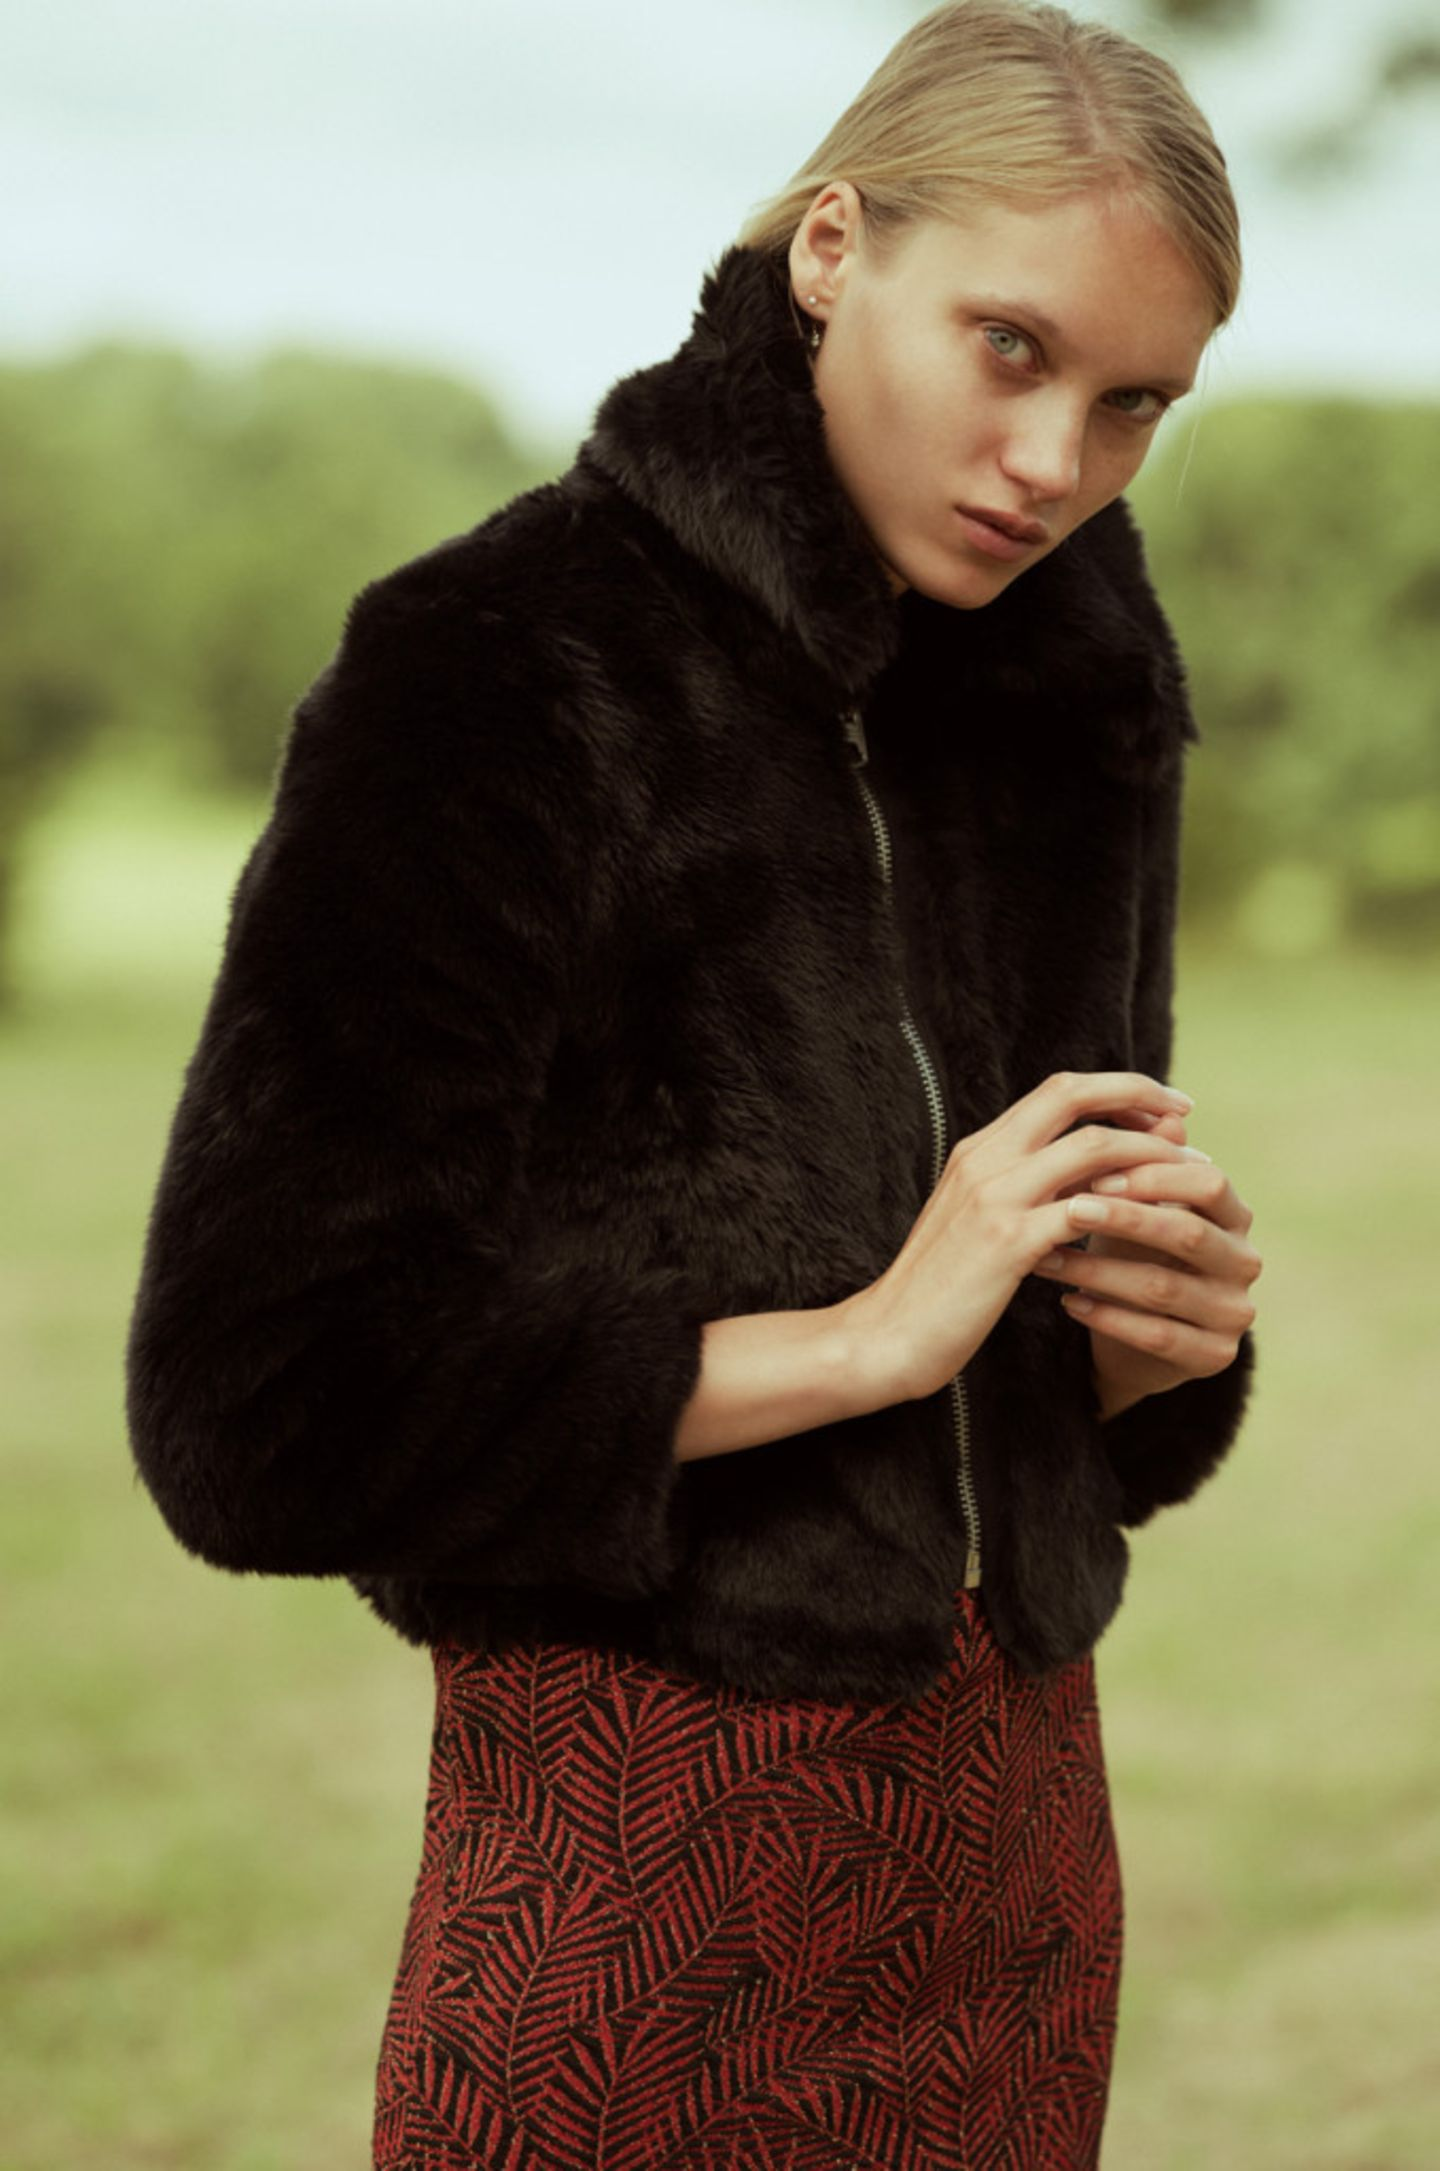 """Magazin: """"Ich weiß, was du diesen Herbst tragen wirst."""" So hübsch kann Horror sein – im Mode-Spezial gibt es neue Trends und drei Gruselgeschichten"""""""